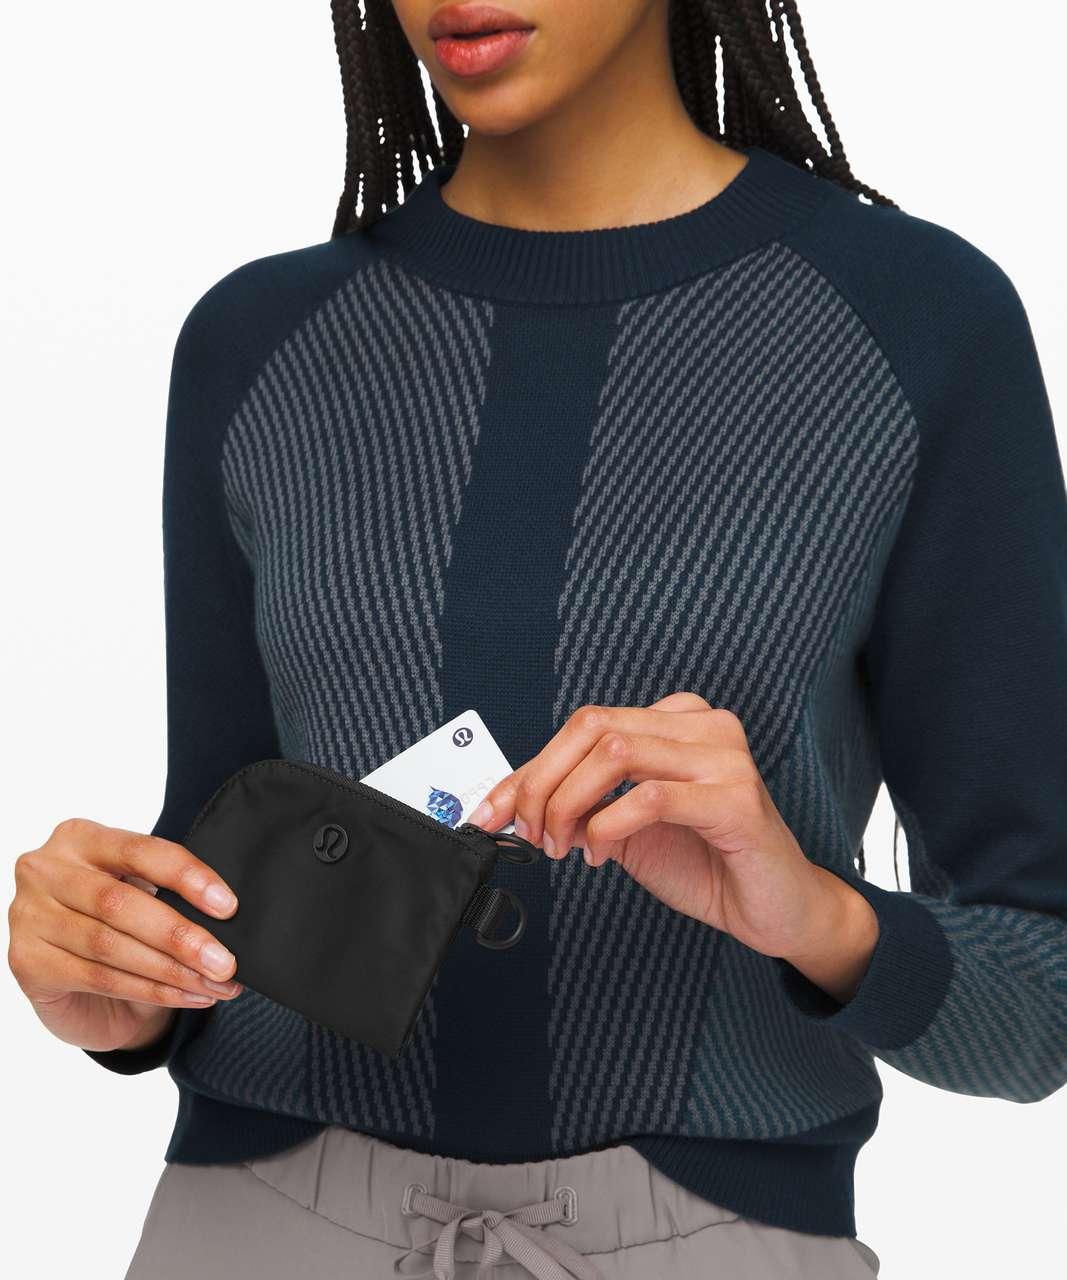 Lululemon Test of Time Card Holder - Black